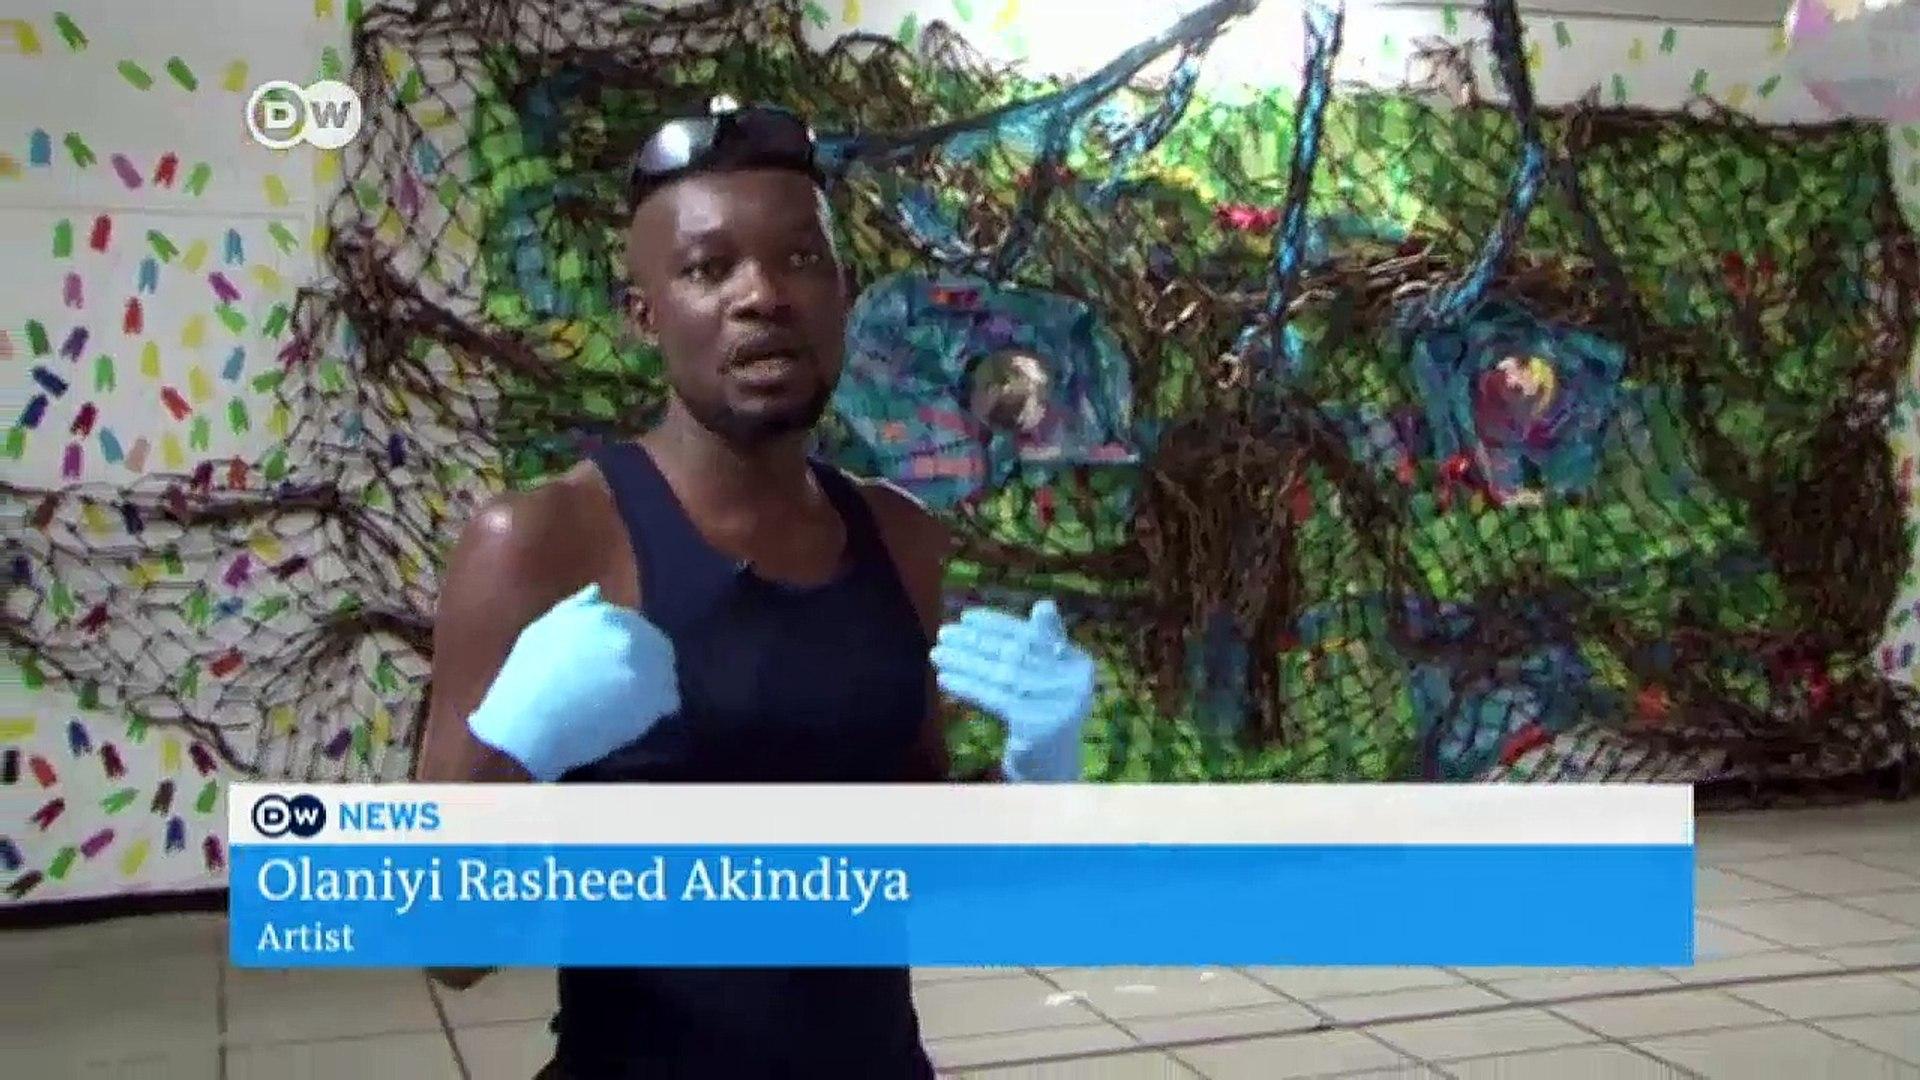 Dak'Art: African Contemporary Art Biennale   DW News